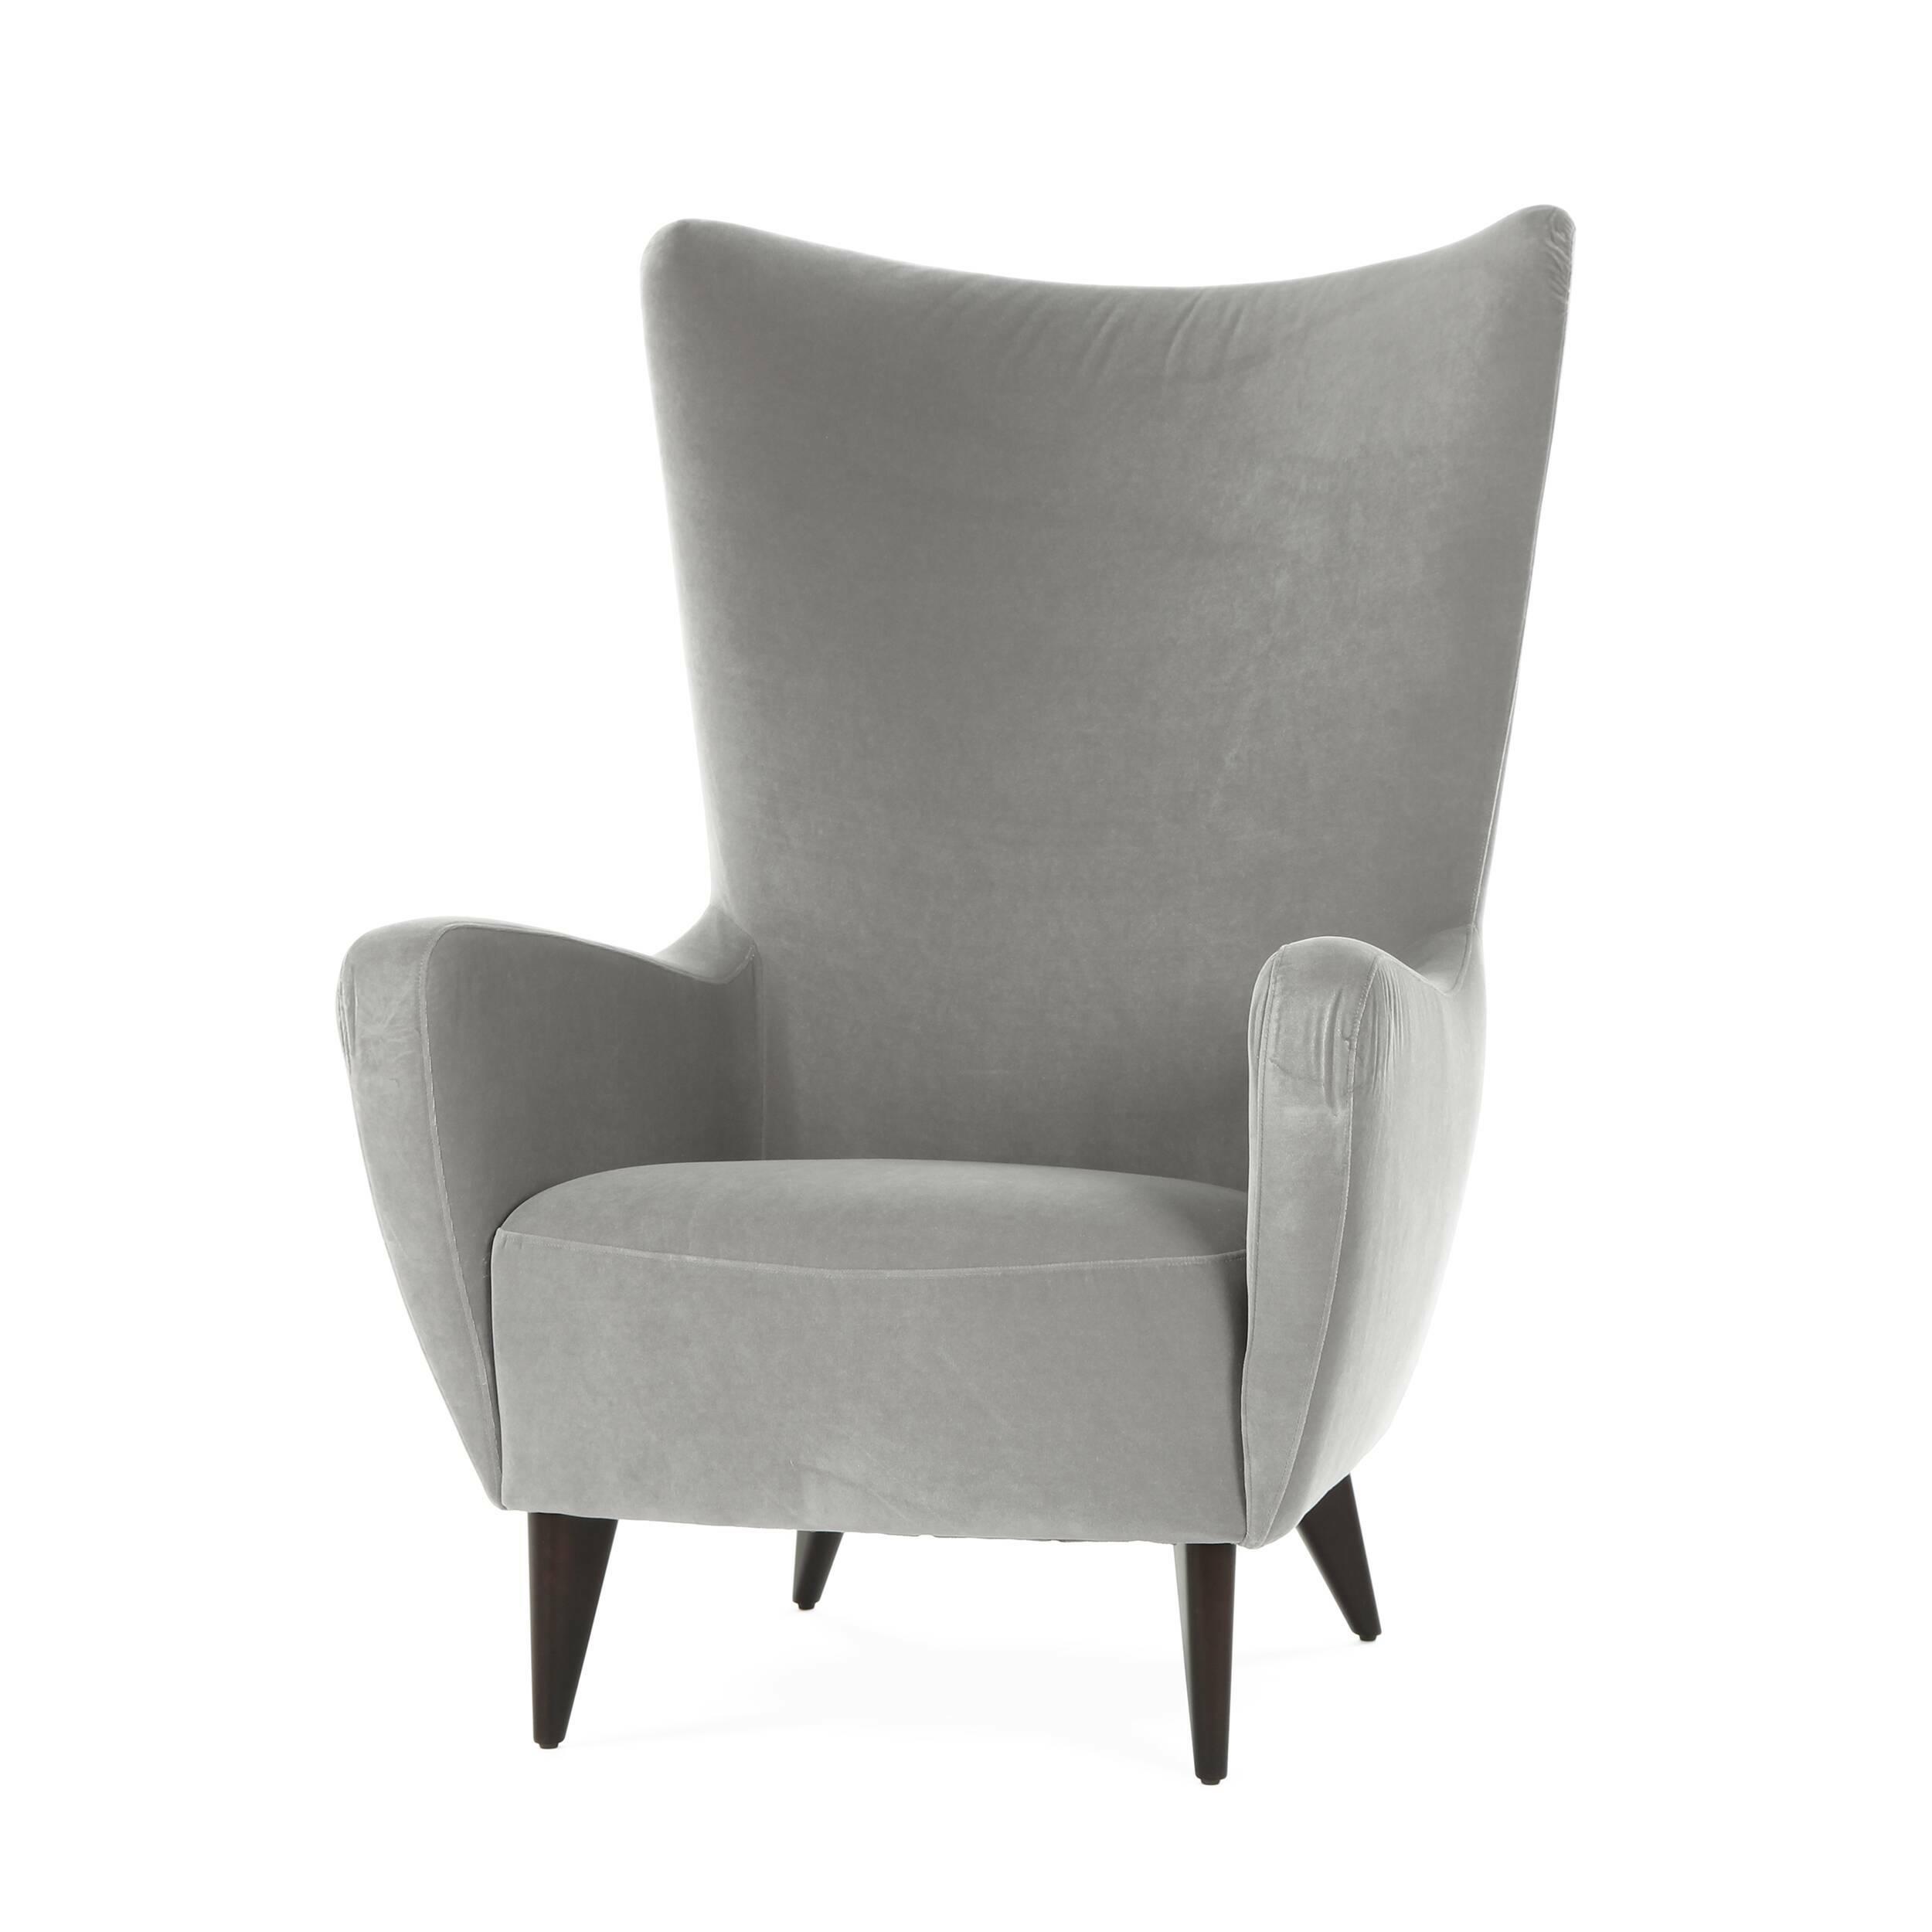 Кресло KatoИнтерьерные<br>Дизайнерское кресло Kato (Кэйто) с высокой широкой спинкой и тканевой обивкой от Sits (Ситс).<br><br><br> По-настоящему удобное сиденье и спинка анатомической формы, непревзойденный комфорт и изумительный внешний вид, созданный лучшими дизайнерами компании Sits, — все это гармонично и легко сочетает в себе представленное здесь кресло Kato. Кресло имеет высокие стильные ножки и весьма высокую спинку, благодаря которой вы сможете расслабиться и насладиться полным комфортом.<br><br><br> Ножки кресла изг...<br><br>stock: 0<br>Высота: 117<br>Высота сиденья: 44<br>Ширина: 83<br>Глубина: 94<br>Цвет ножек: Темно-коричневый<br>Материал обивки: Полиэстер<br>Степень комфортности: Стандарт комфорт<br>Коллекция ткани: Категория ткани III<br>Тип материала обивки: Ткань<br>Тип материала ножек: Дерево<br>Цвет обивки: Серый